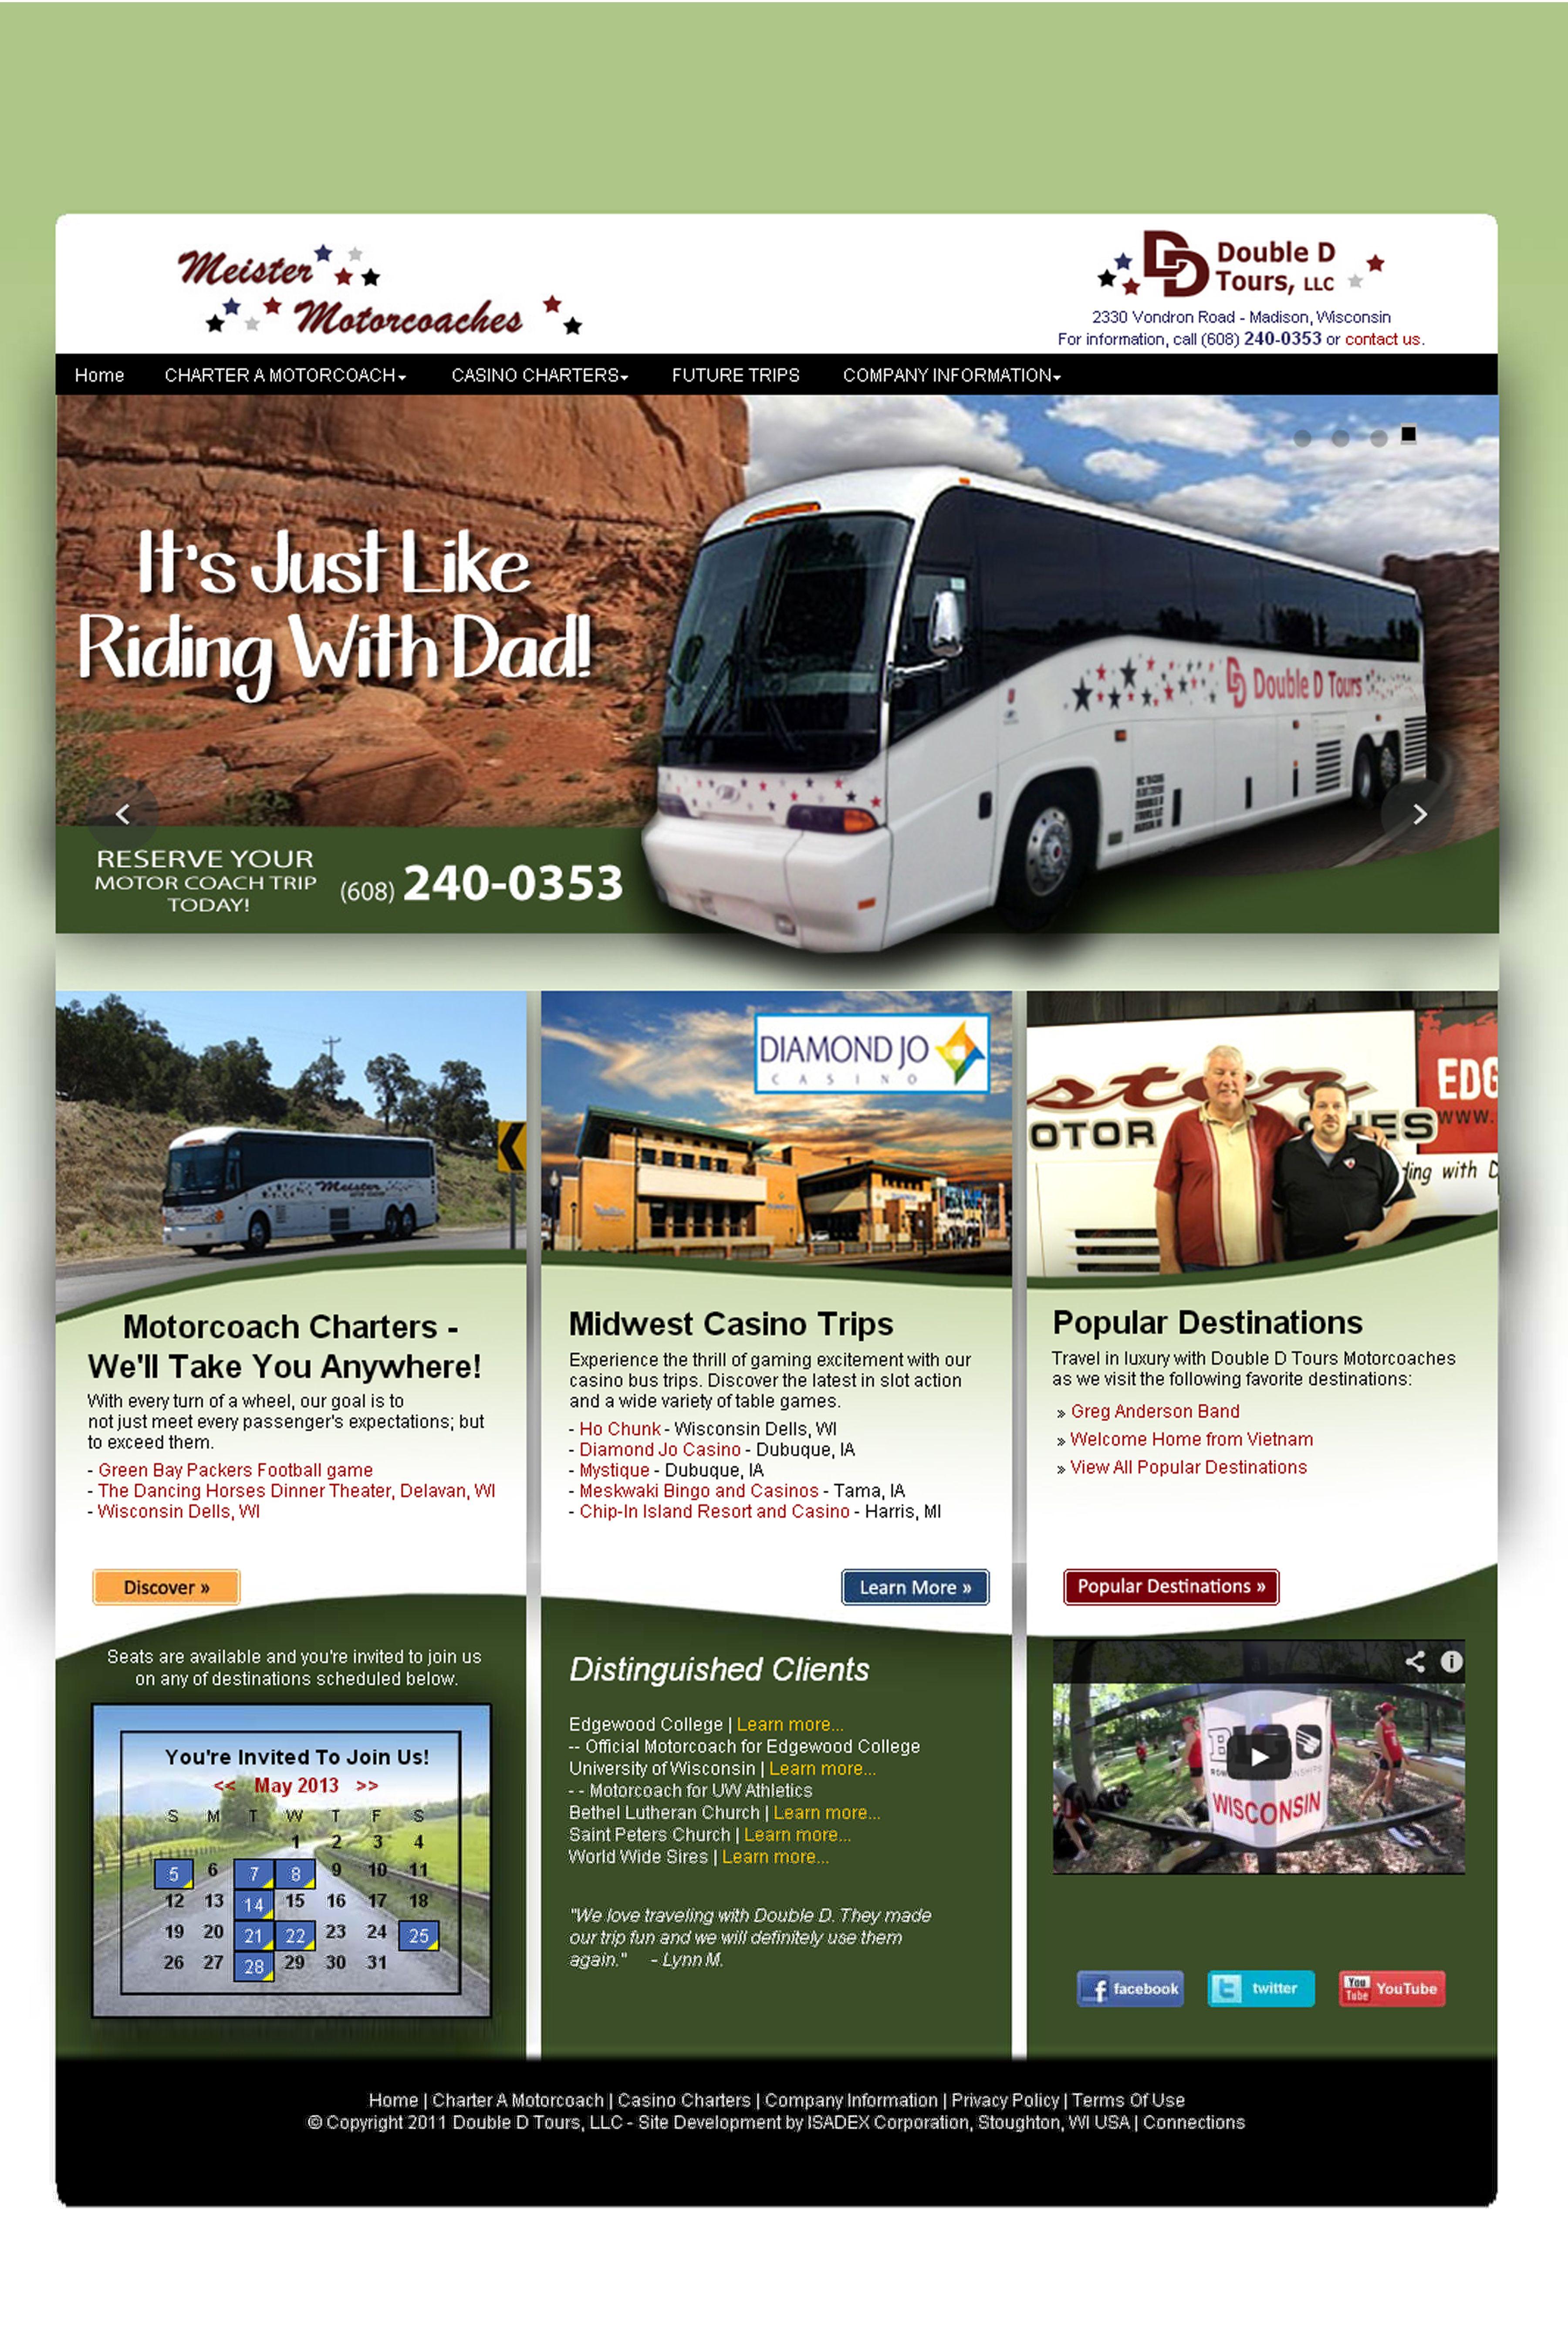 Isadex Web Design Double D Tours Web Design Casino Trips Web